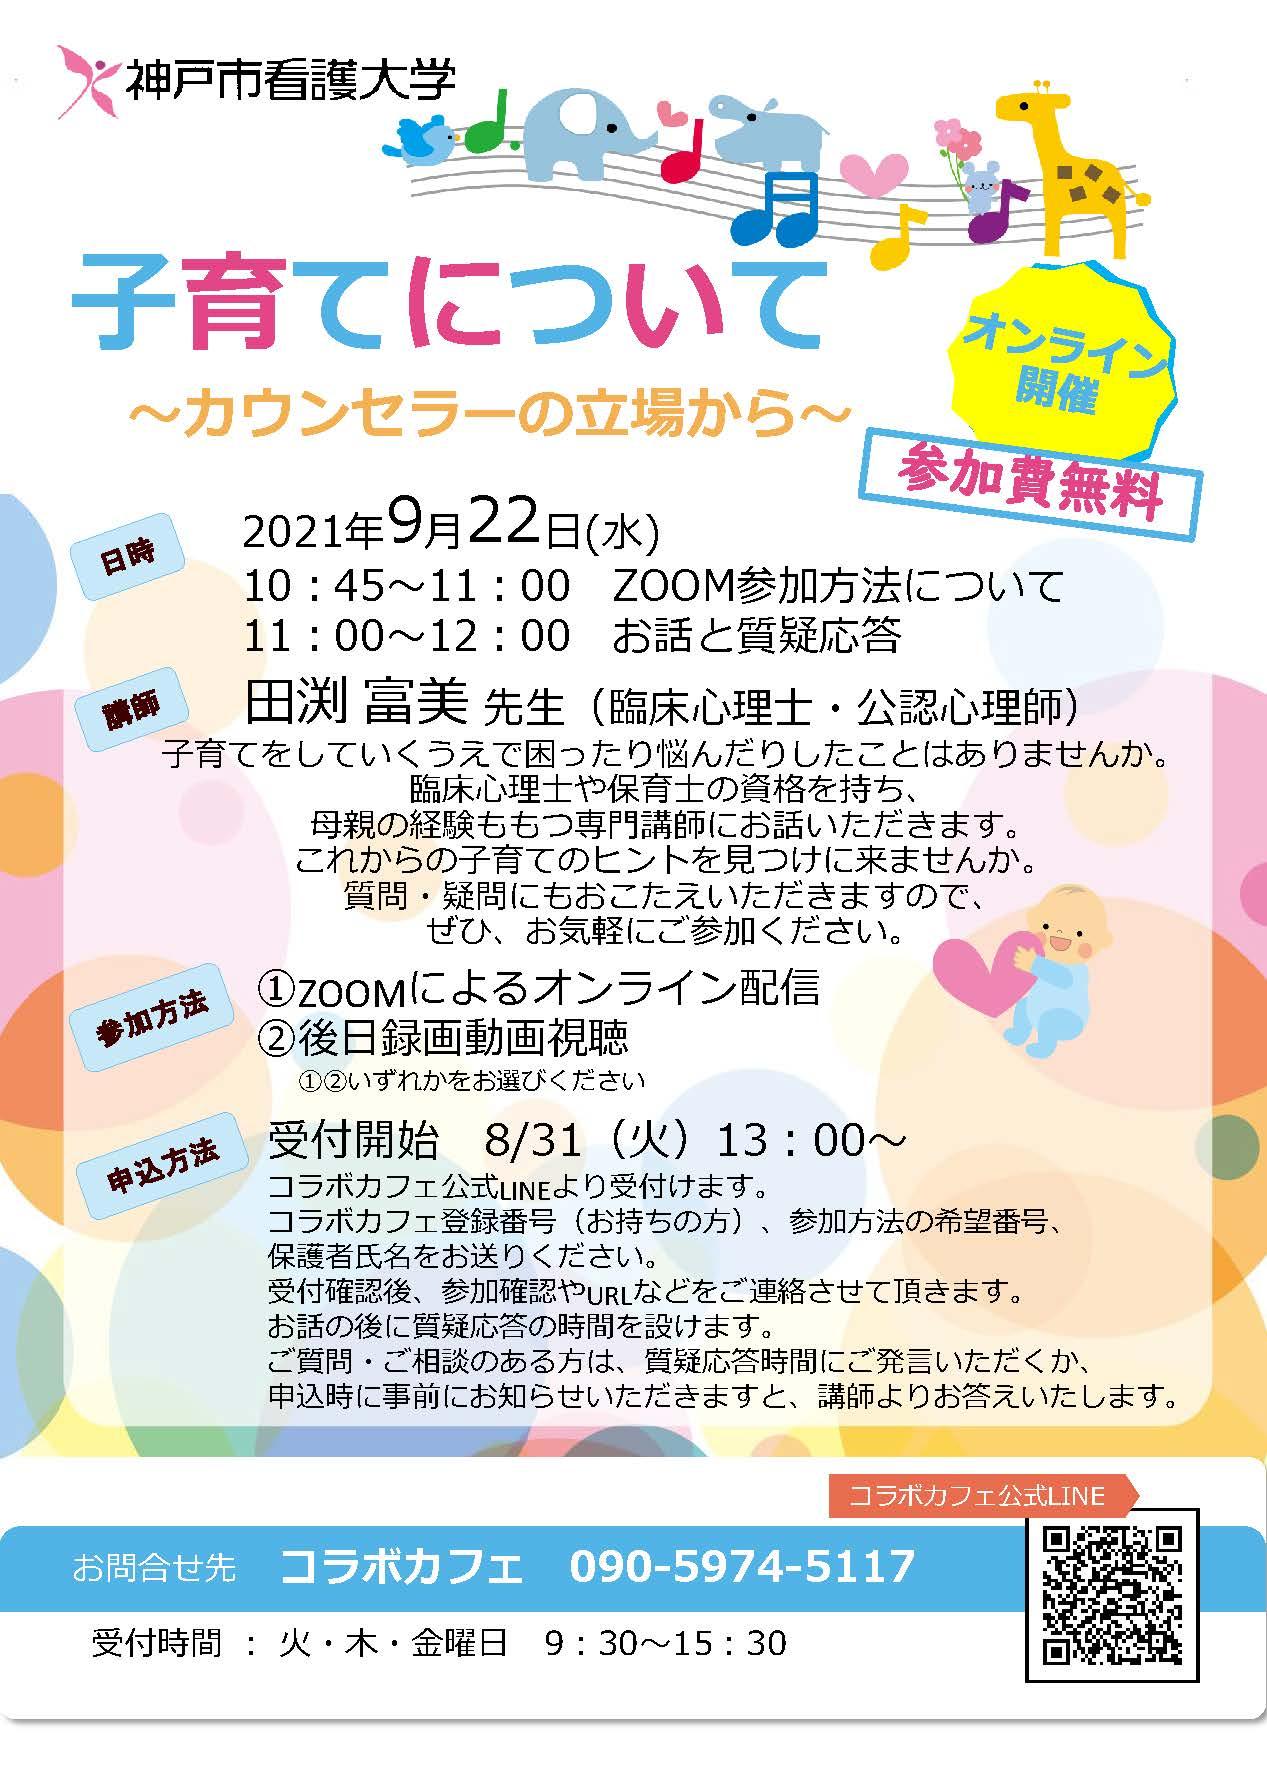 【コラボカフェ】イベント「子育てについて」開催のお知らせ